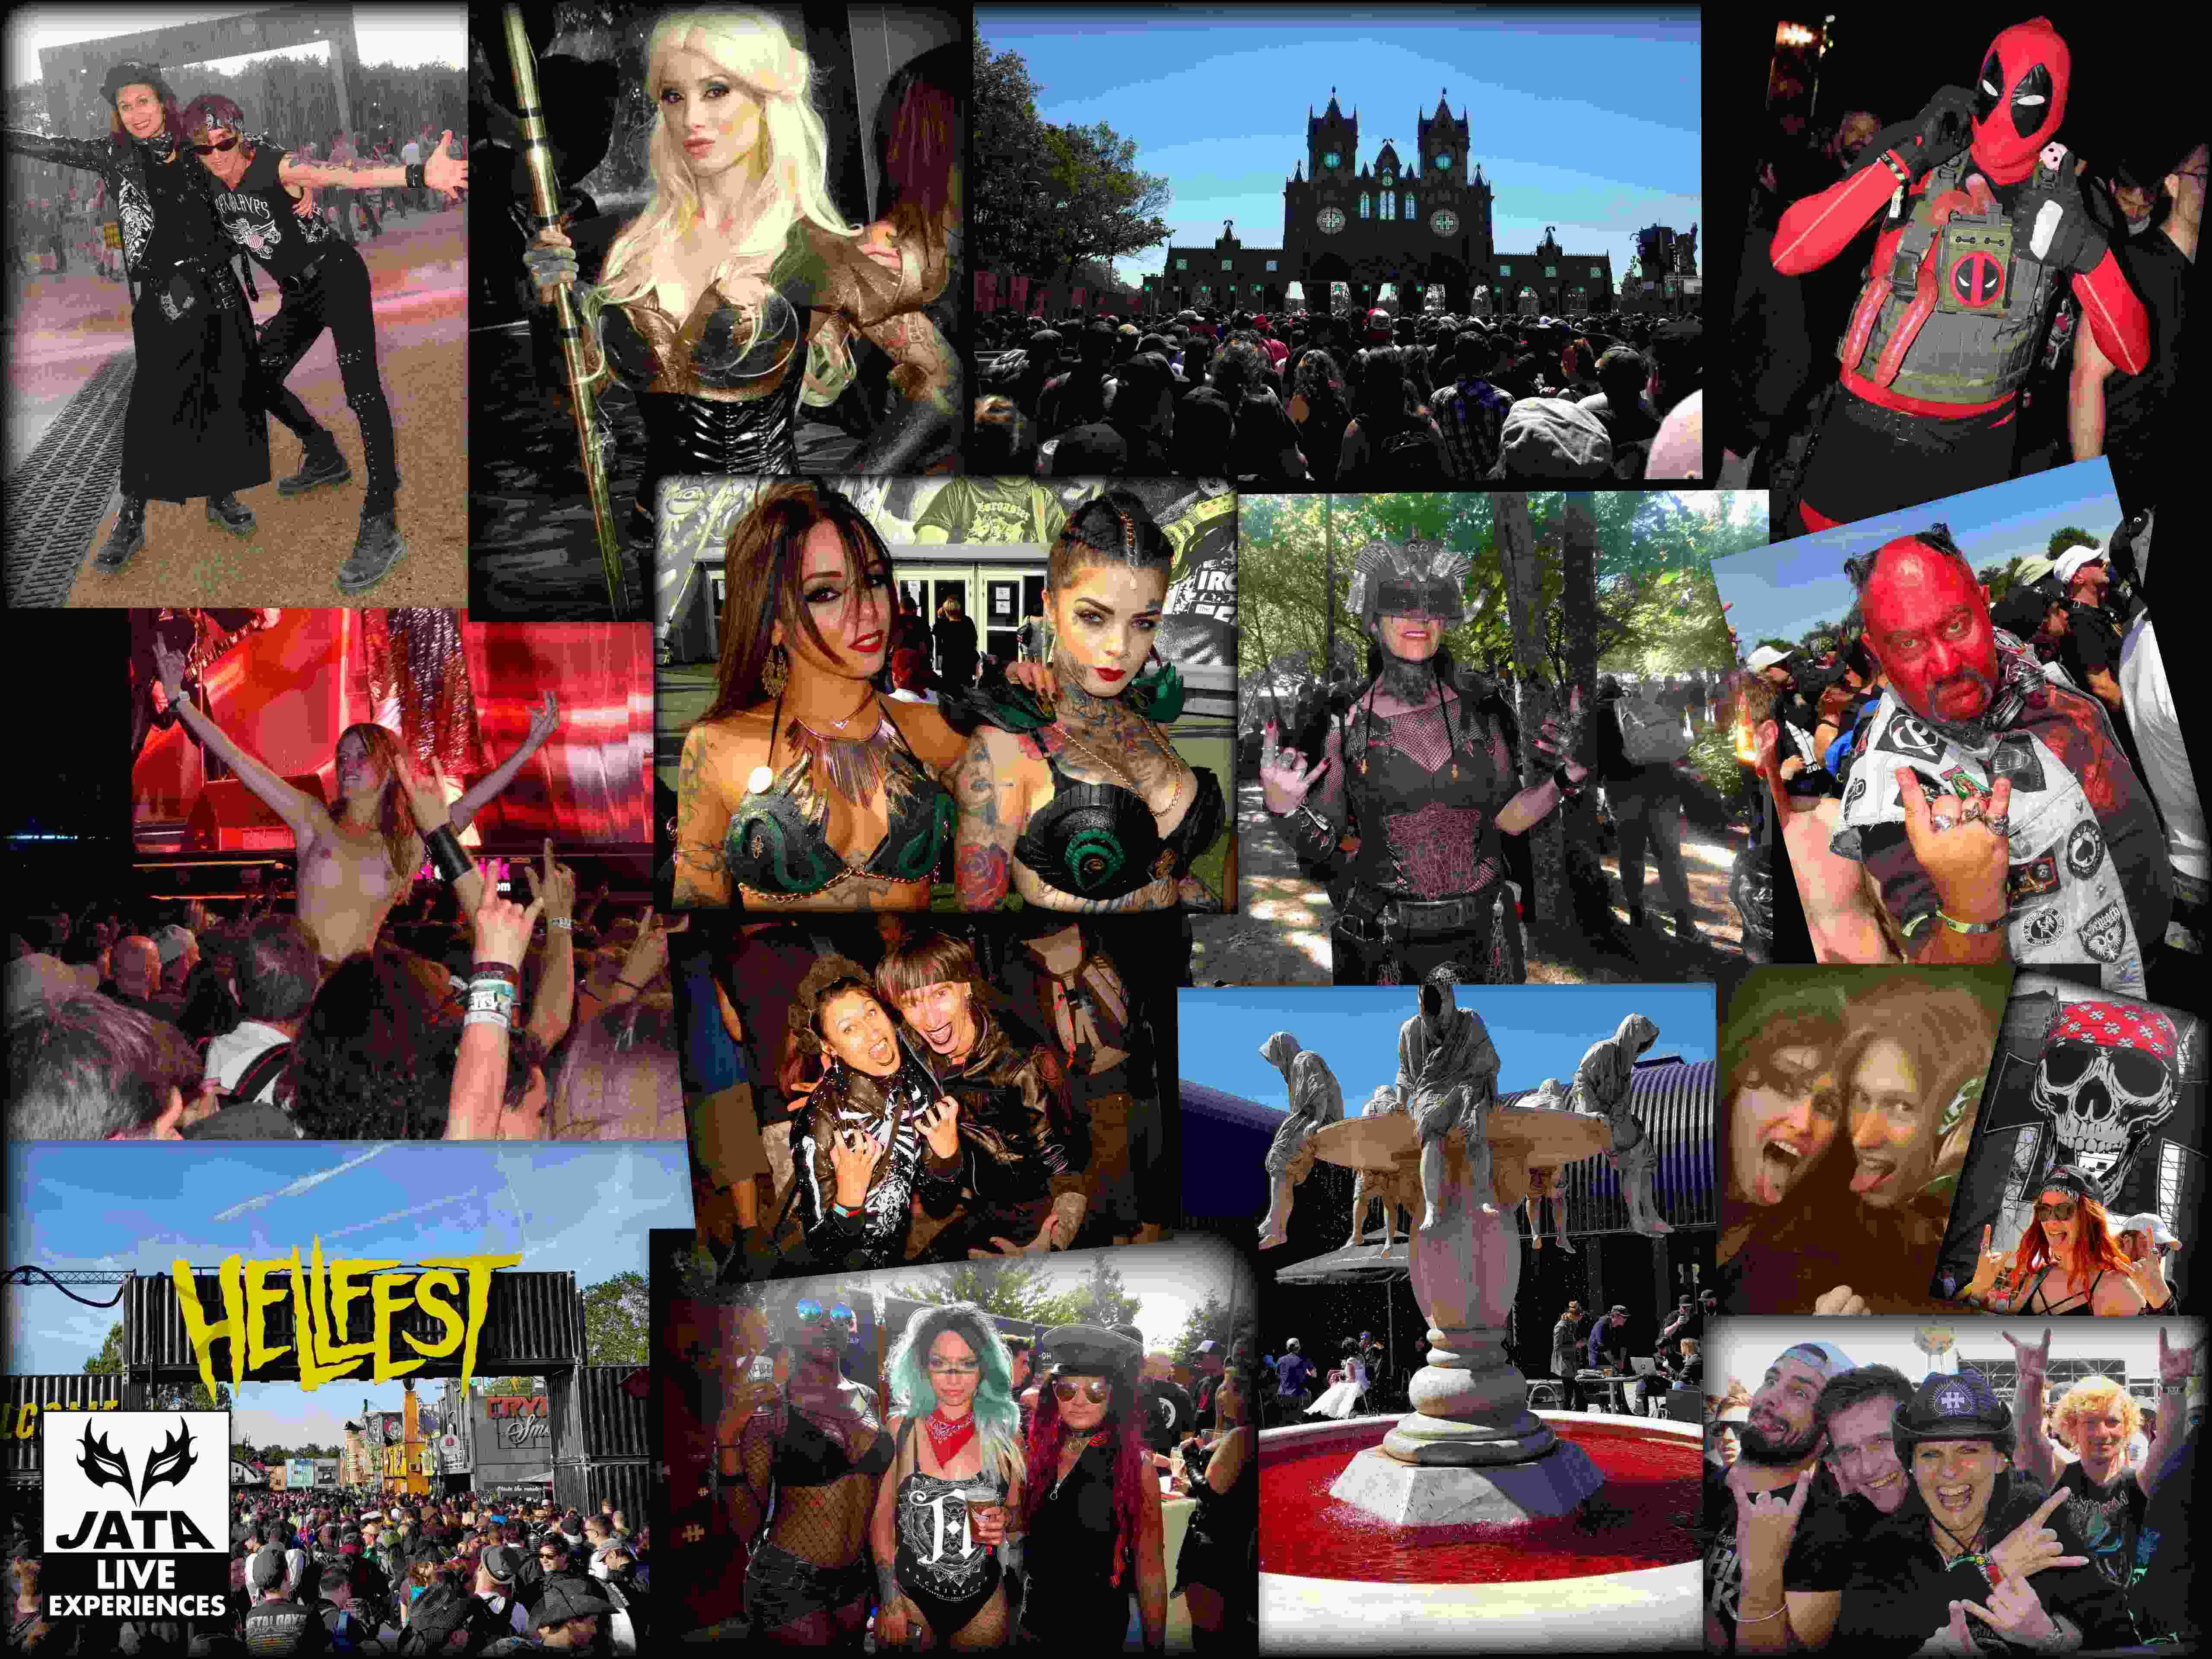 hellfest-2018-ambiances.jpg